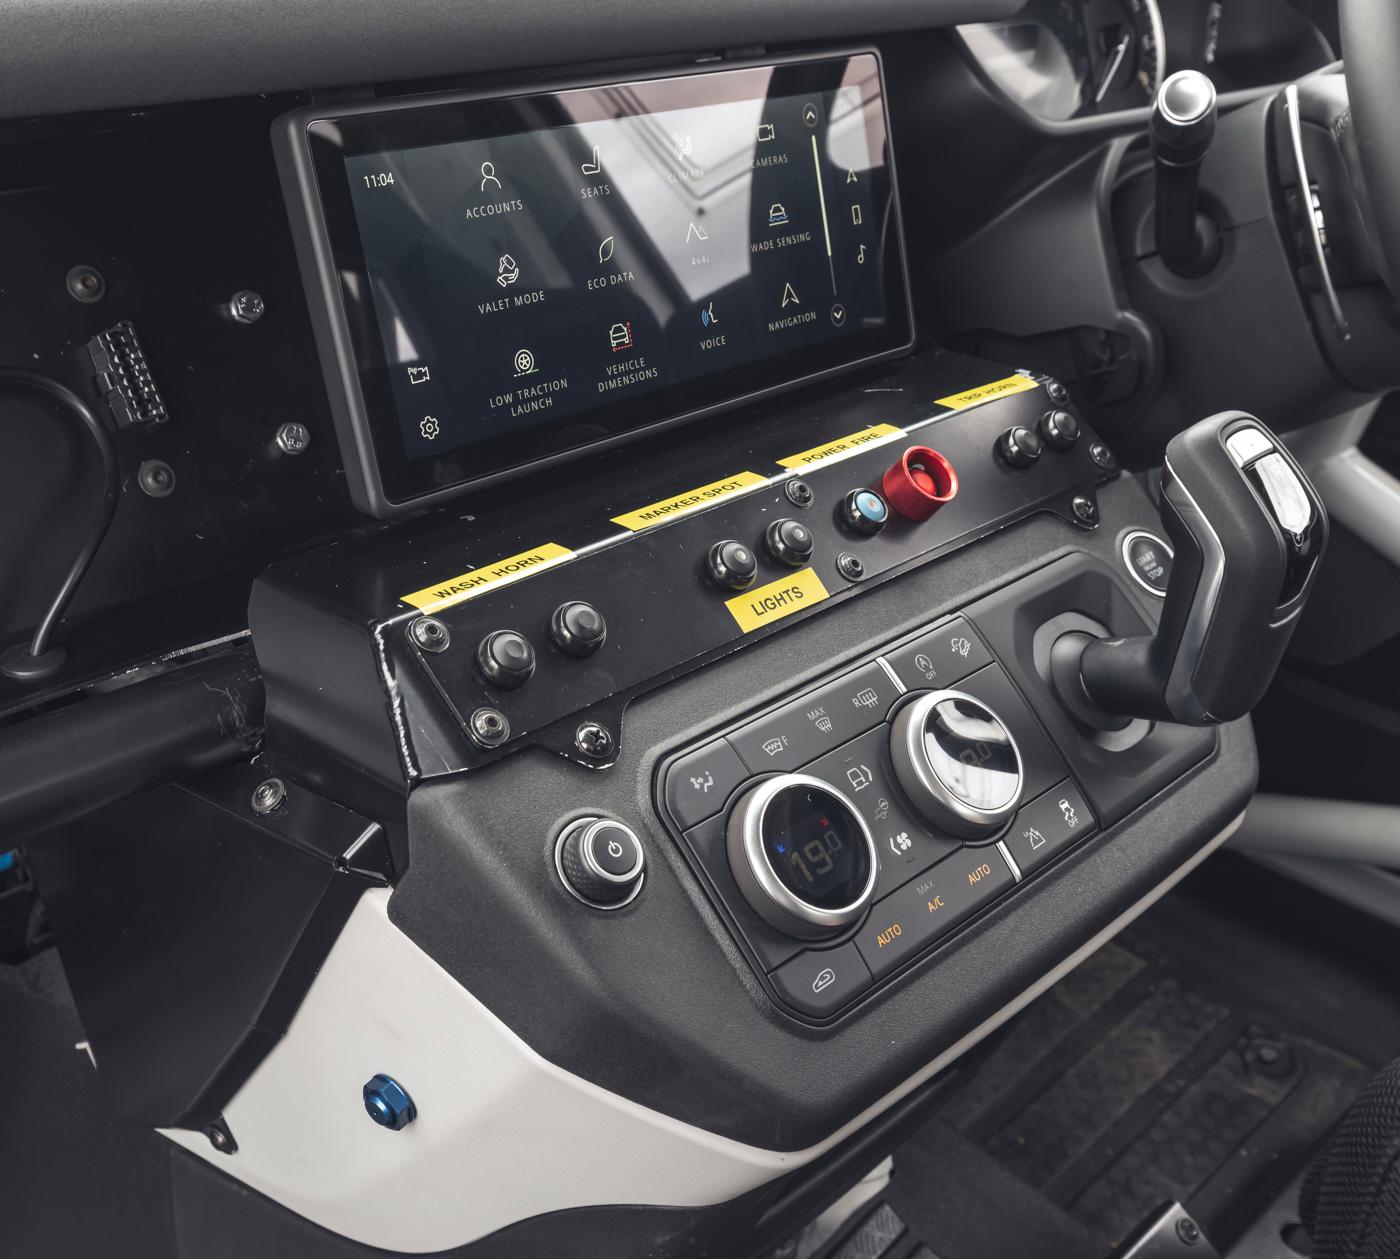 Land-Rover-hợp-tác-cùng-Bowler-ra-mắt-phiên-bản-đua-địa-hình-của-Defender-14.jpg